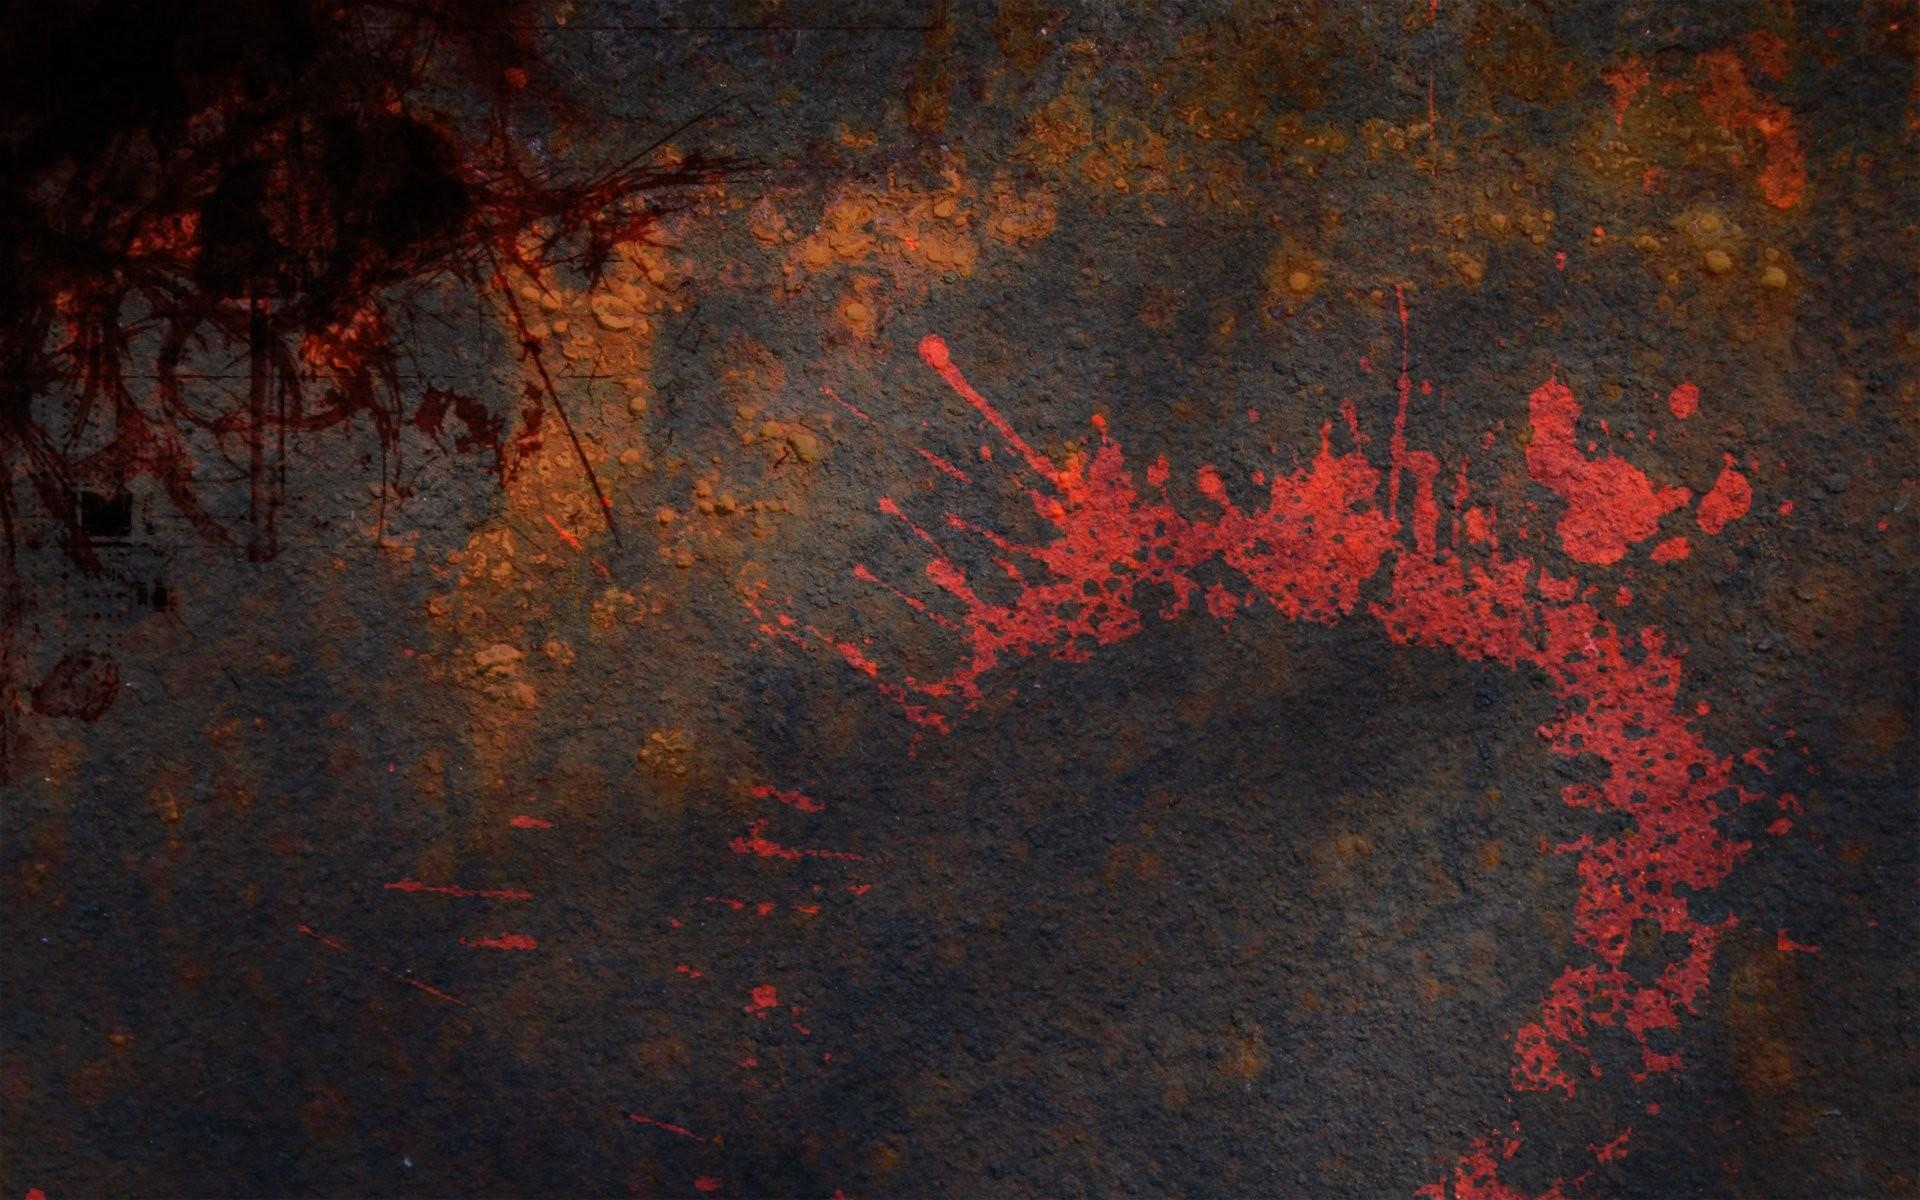 Grunge metal paint splashes wallpaper     295097   WallpaperUP